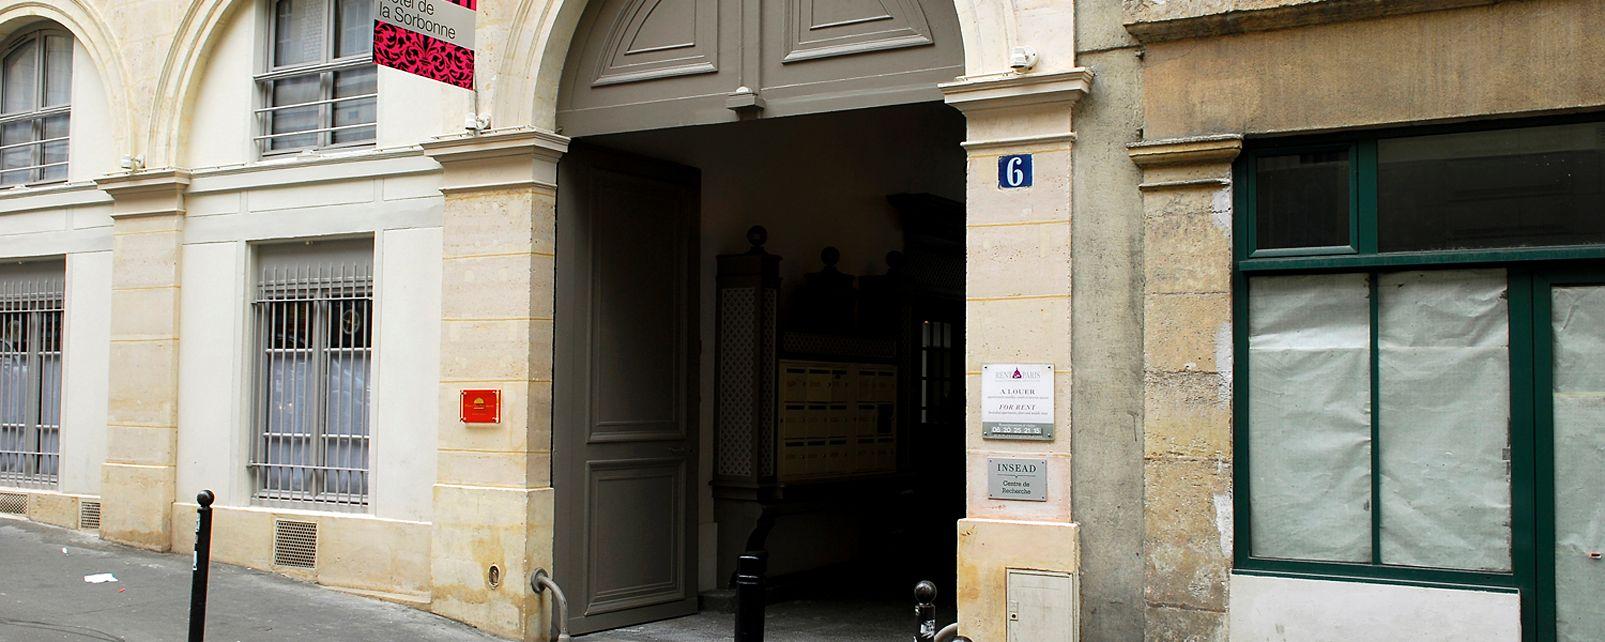 H tel de la sorbonne paris for Hotel de la sorbonne